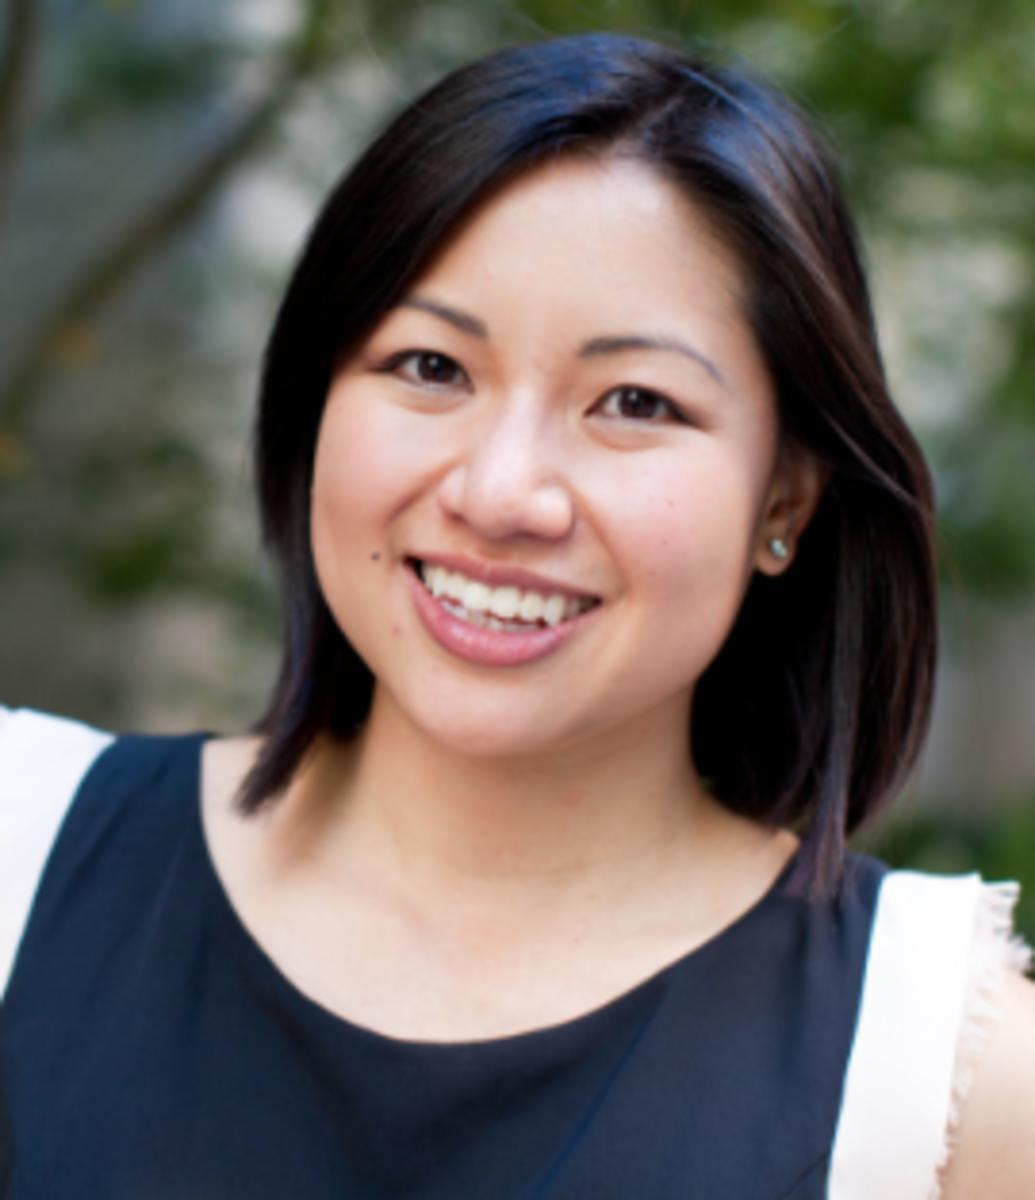 kirsten-chen-author-writer